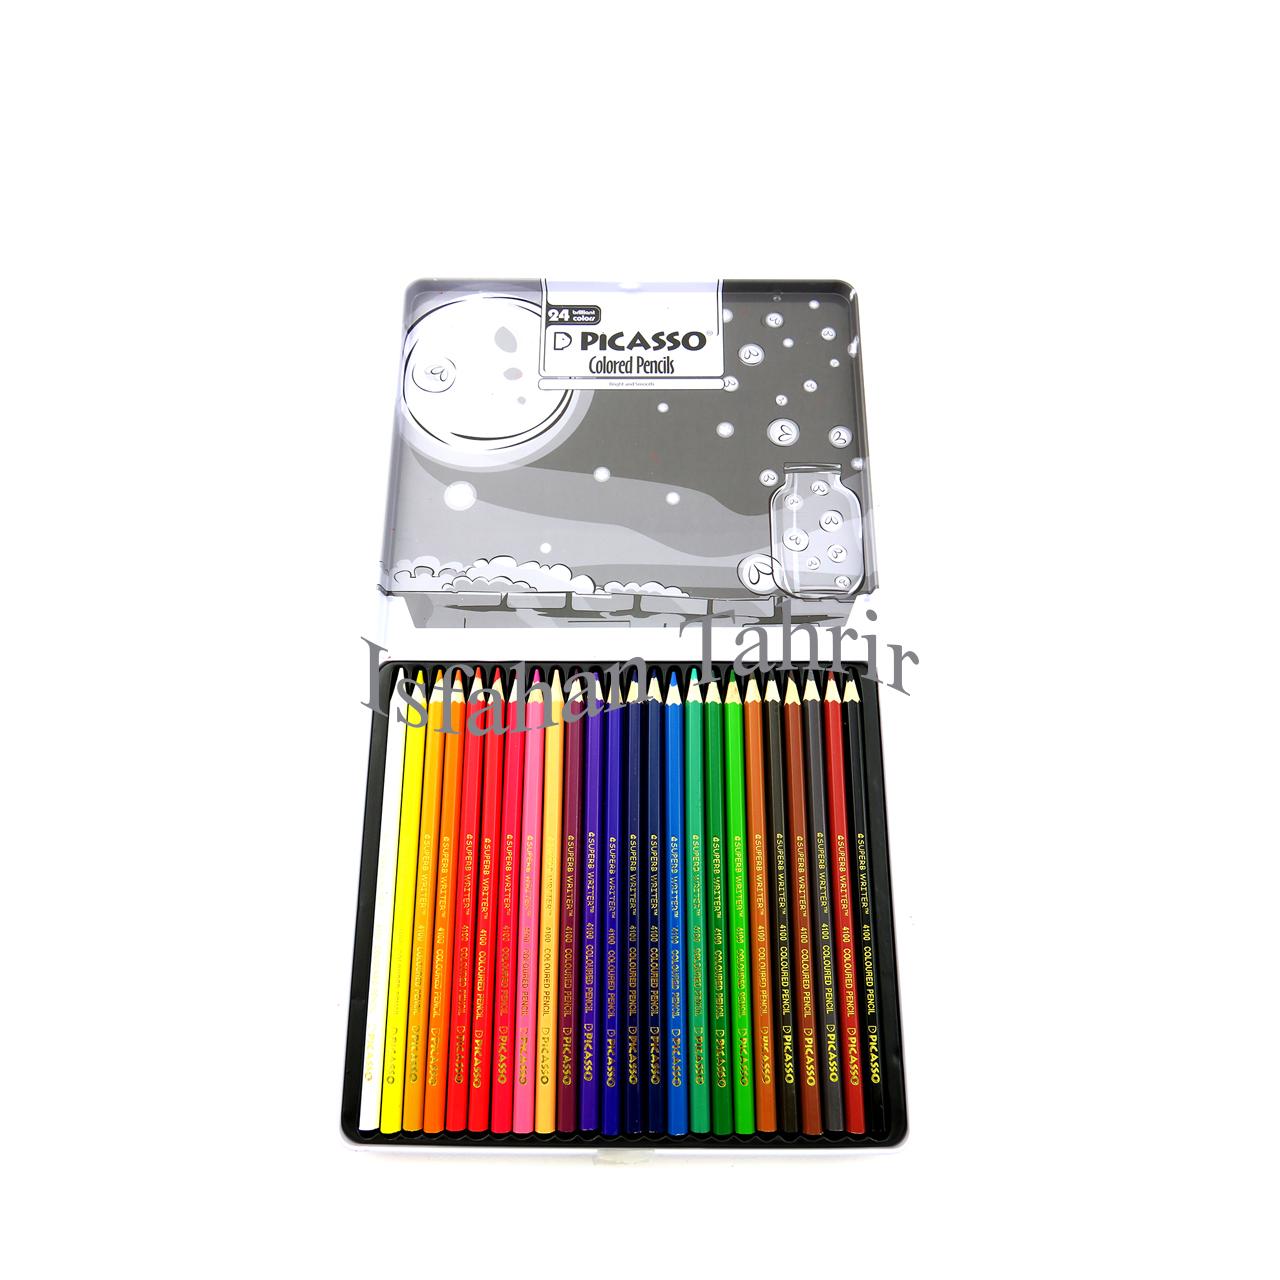 مداد رنگی ۲۴ رنگ پیکاسو فلزی Picasso